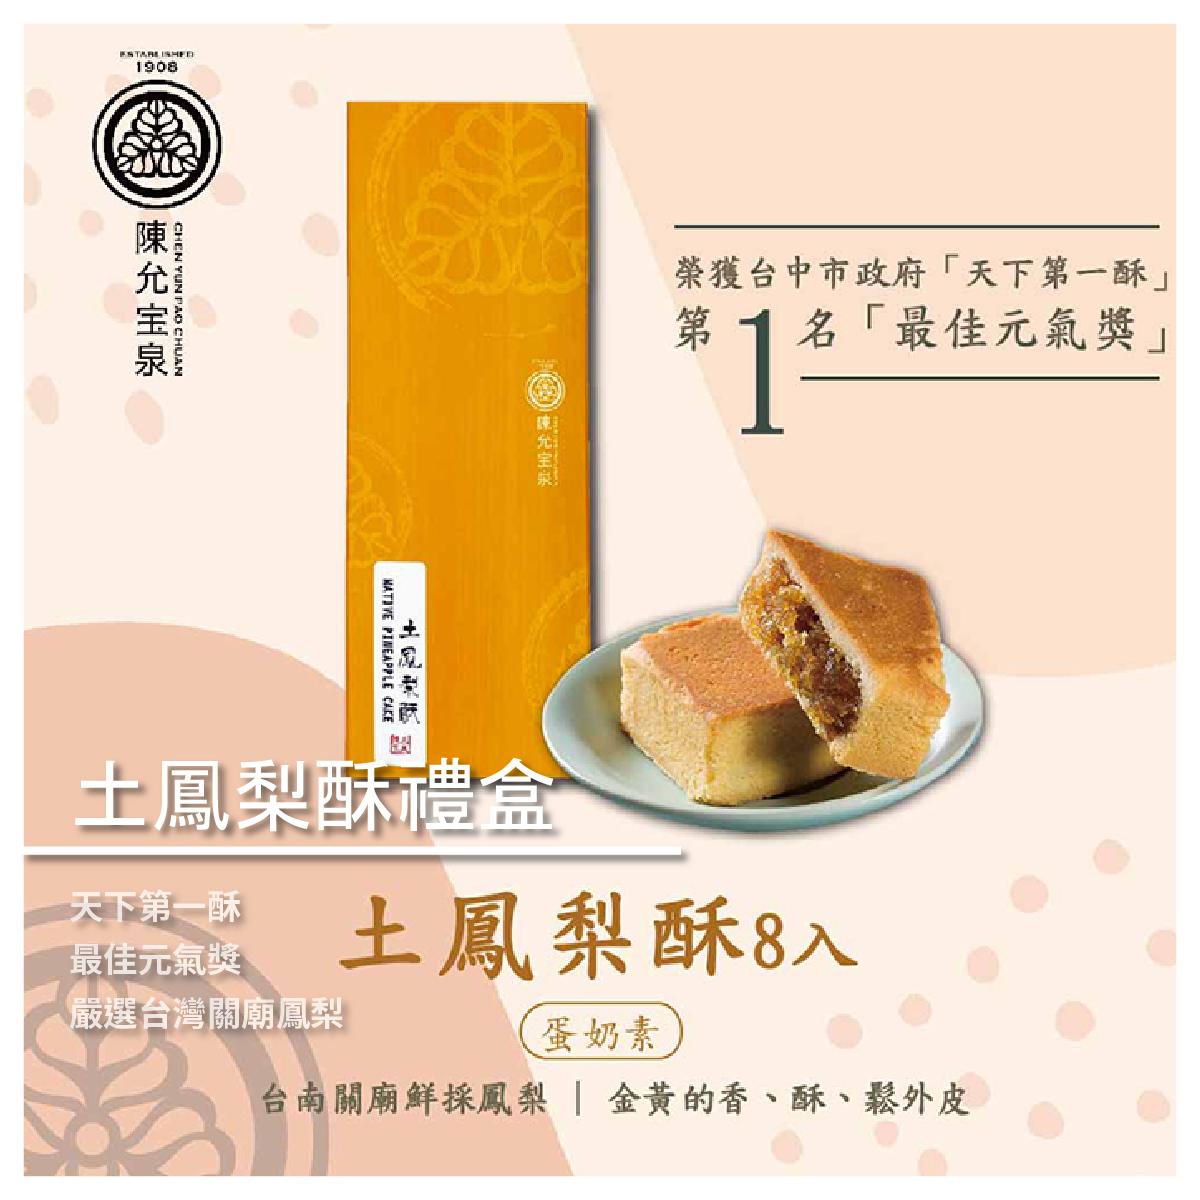 【陳允寶泉】土鳳梨酥禮盒8入/盒